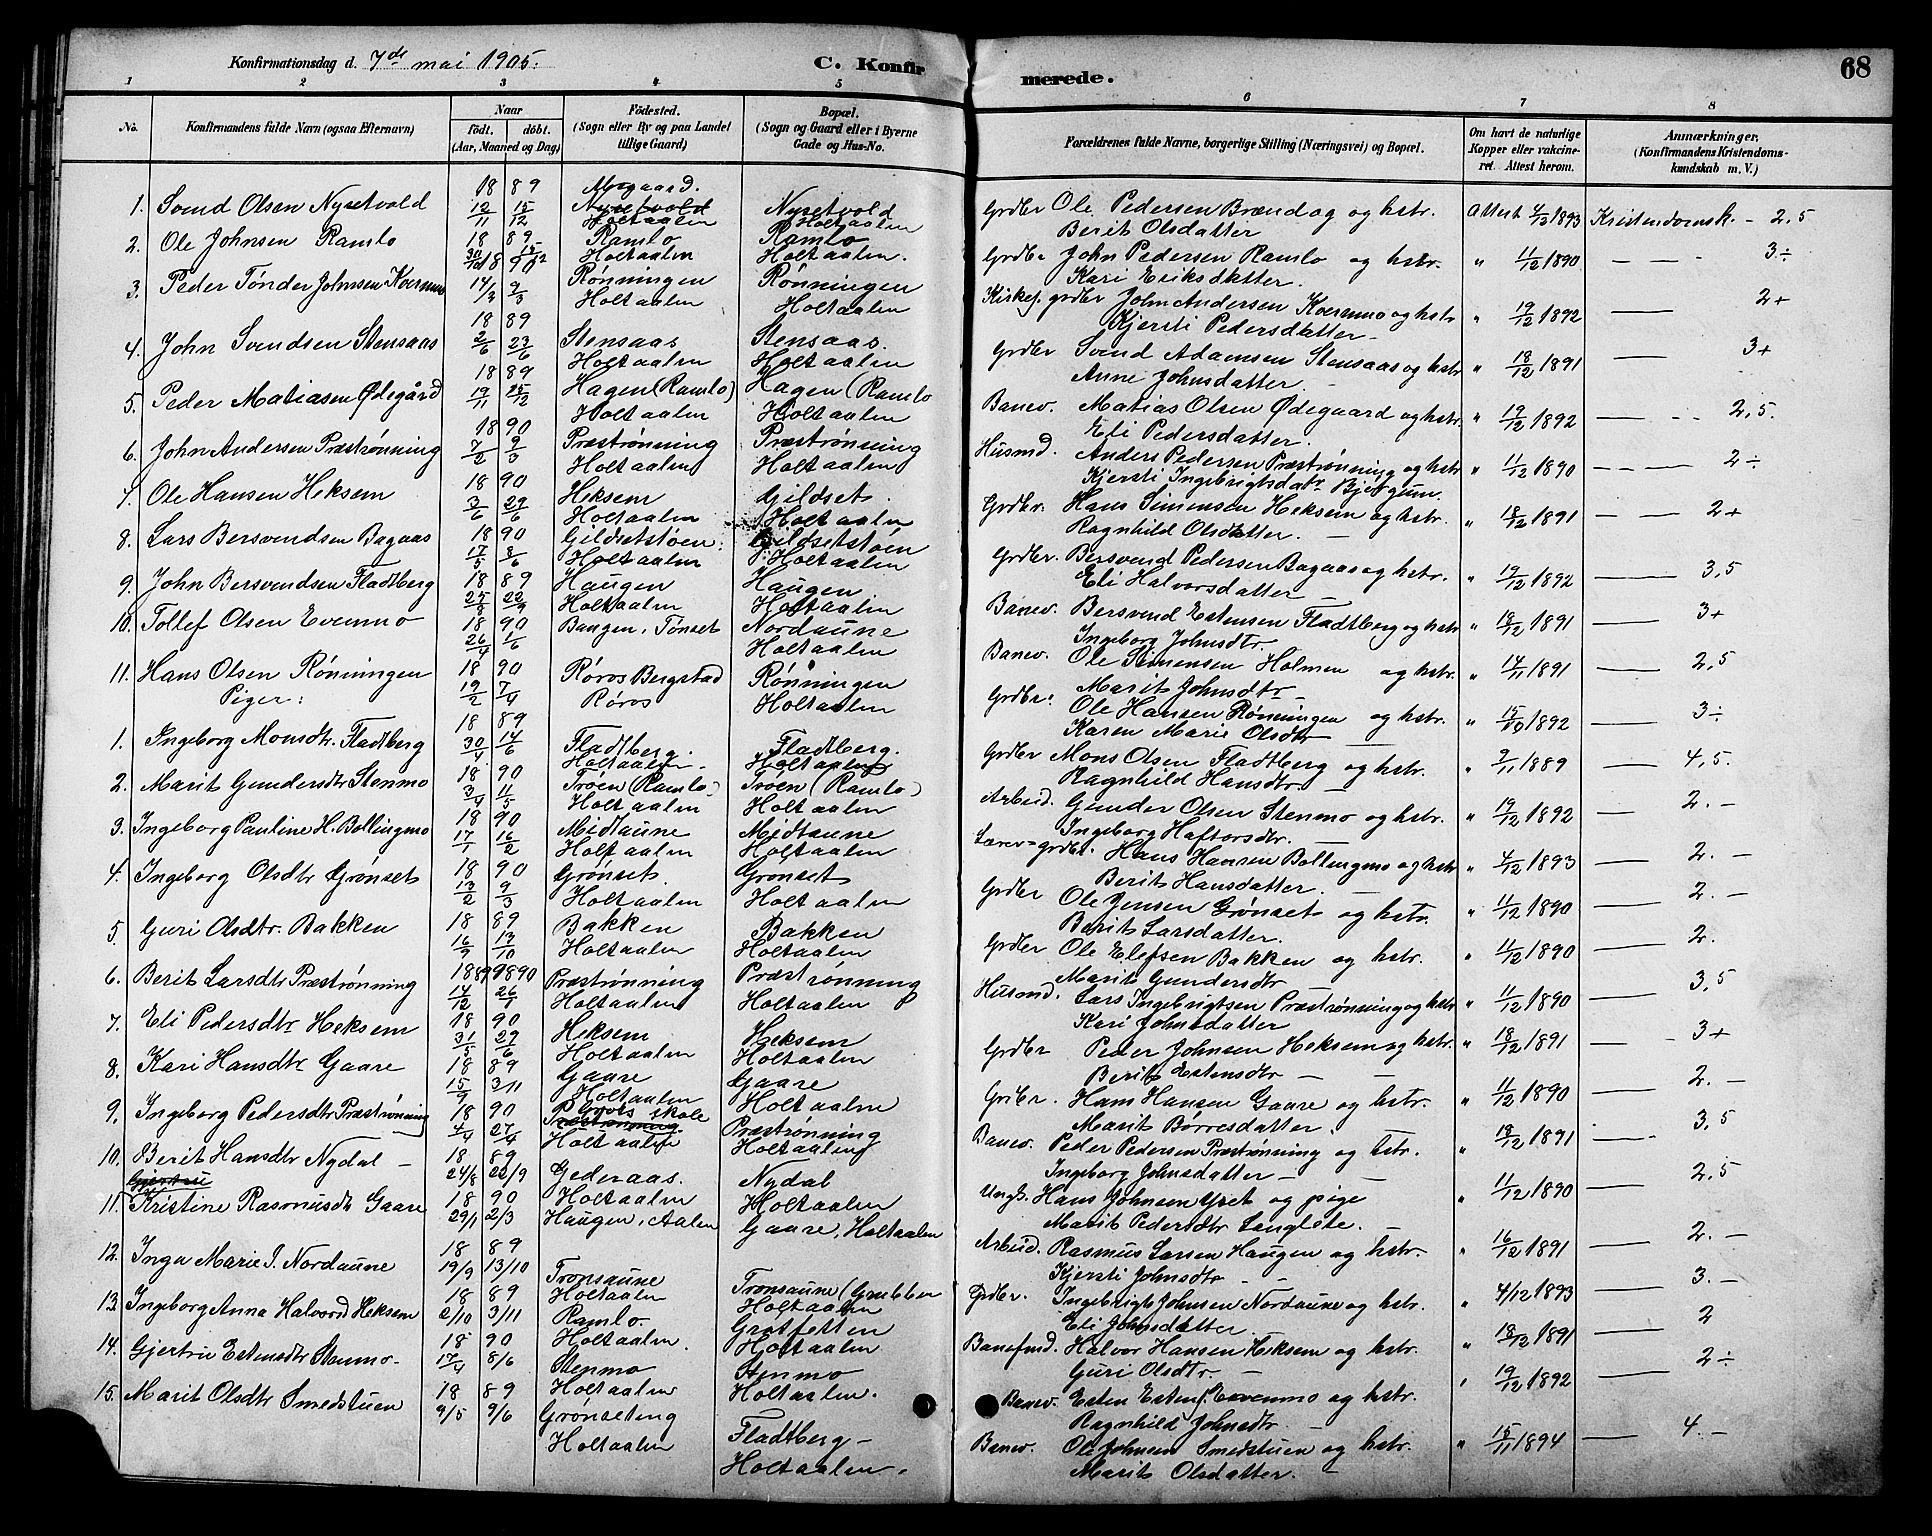 SAT, Ministerialprotokoller, klokkerbøker og fødselsregistre - Sør-Trøndelag, 685/L0978: Klokkerbok nr. 685C03, 1891-1907, s. 68